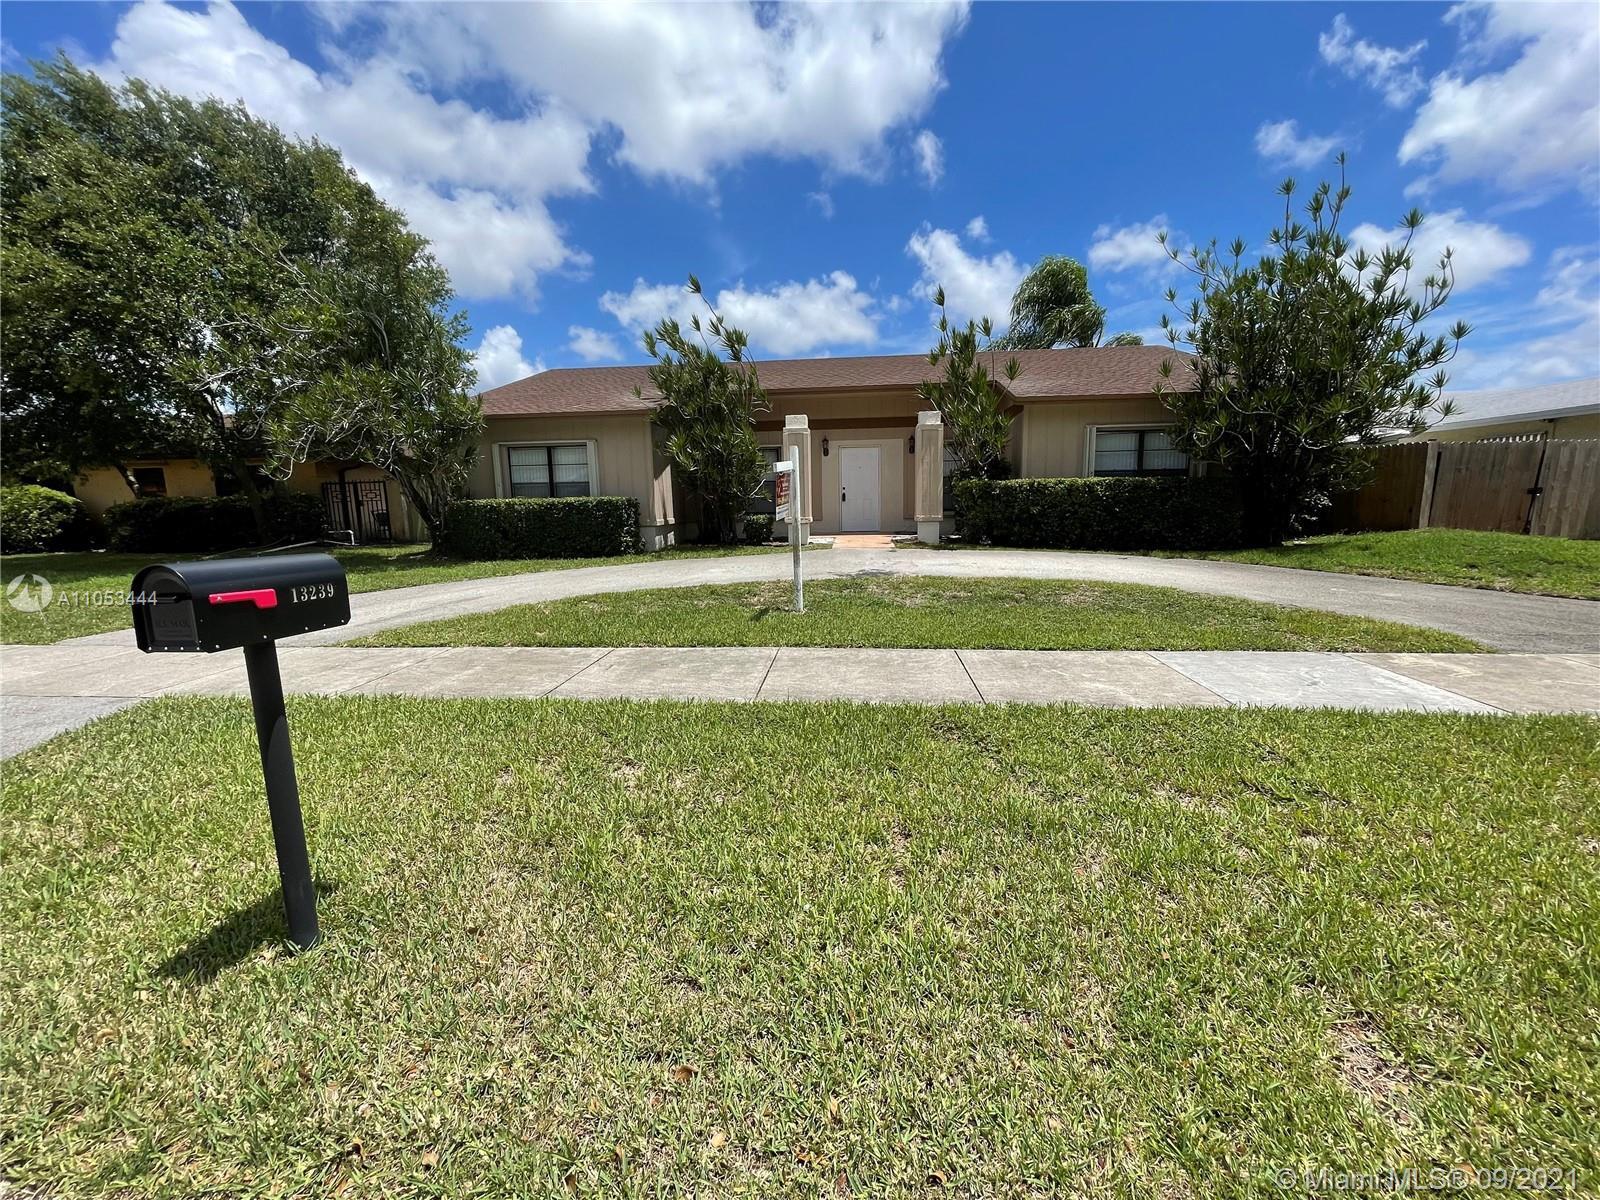 Winston Park - 13239 SW 87th Ter, Miami, FL 33183